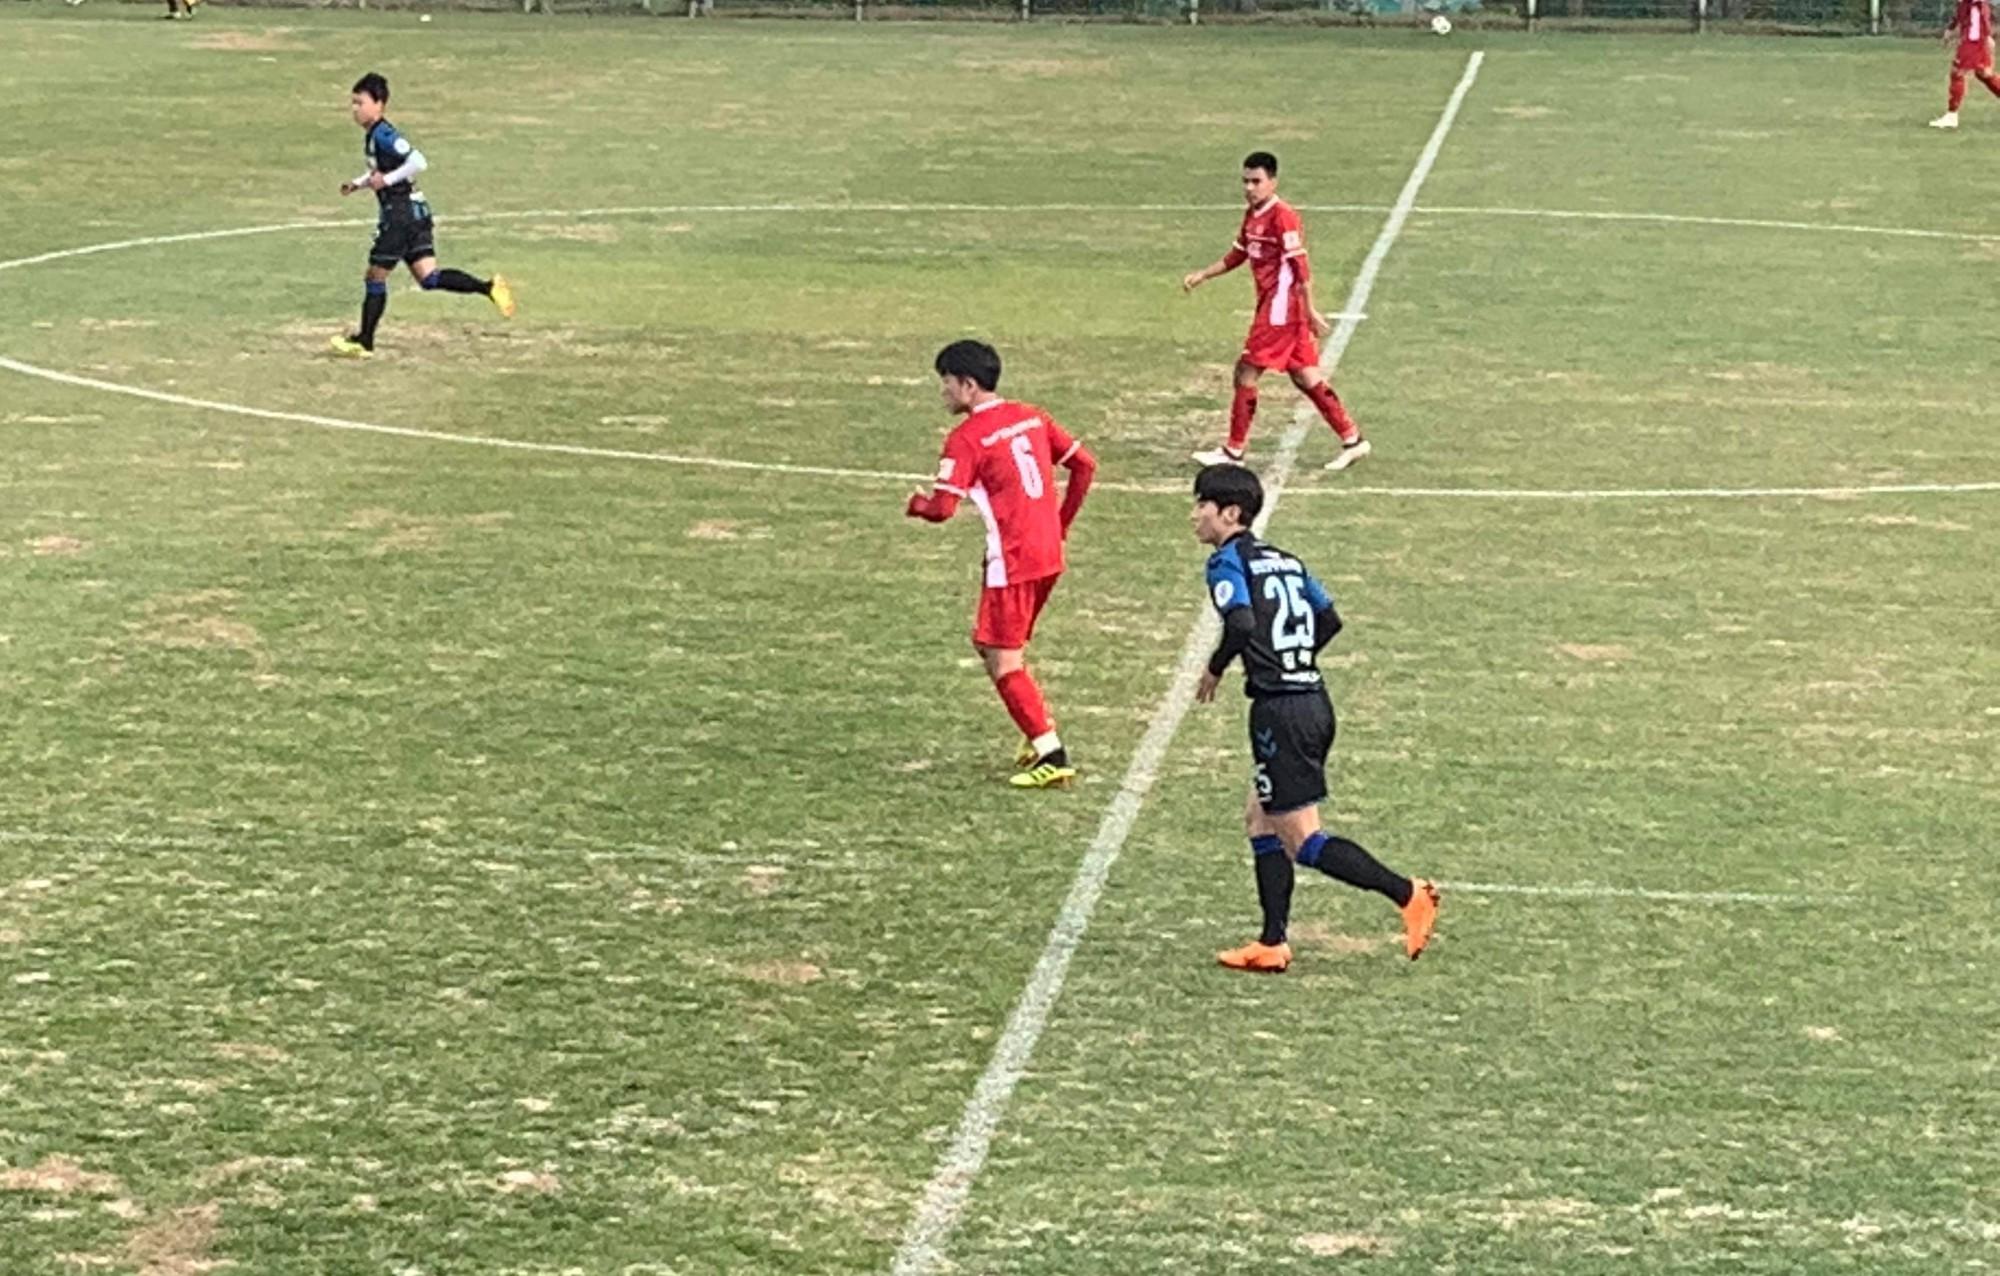 Thử nghiệm 2 đội hình, đội tuyển Việt Nam thua sát nút Incheon United tại Hàn Quốc - Ảnh 4.